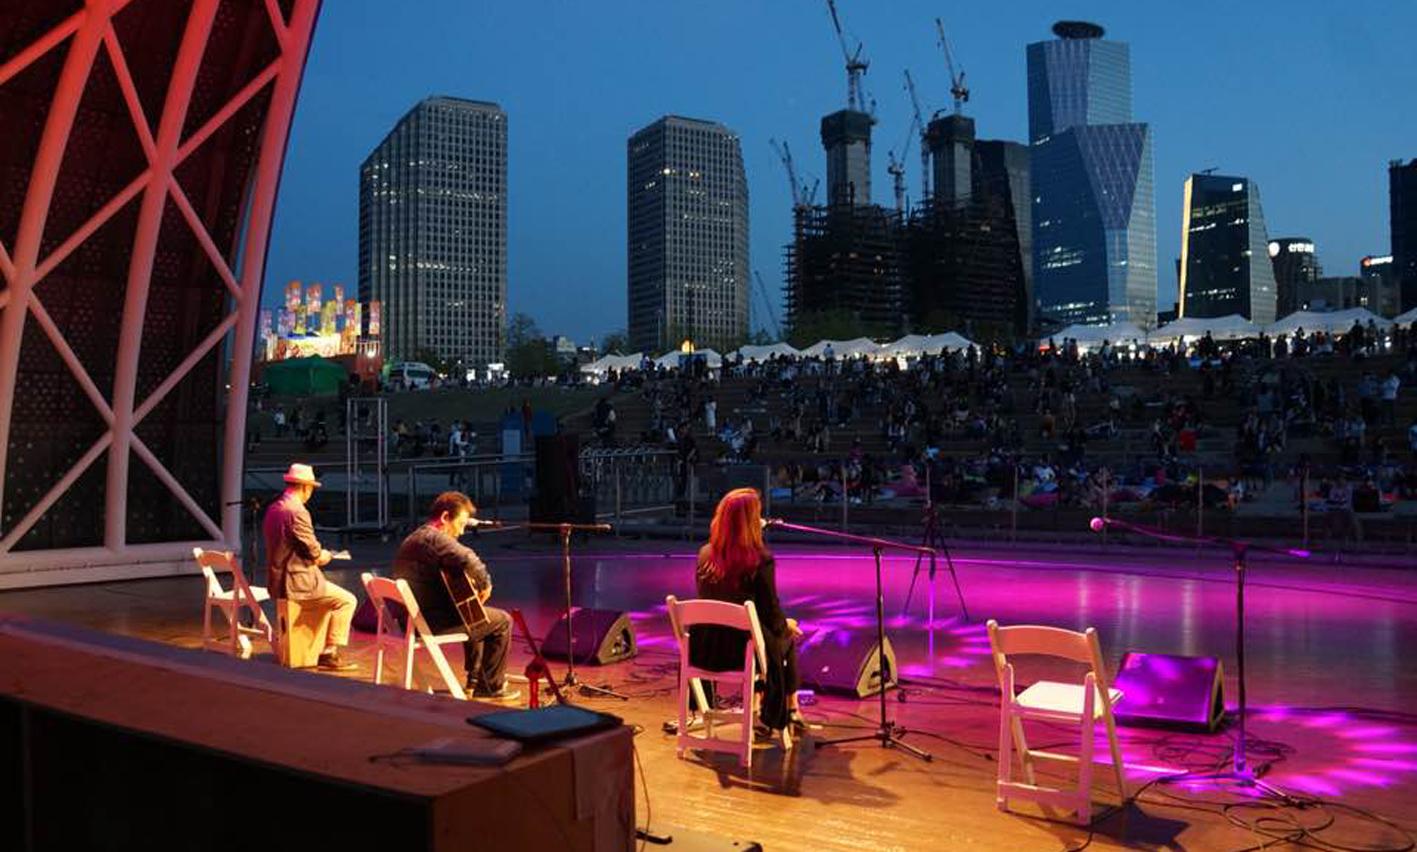 6월 매주 금·토 저녁 7시 한강에서 부담 없이 즐기는 무료 콘서트